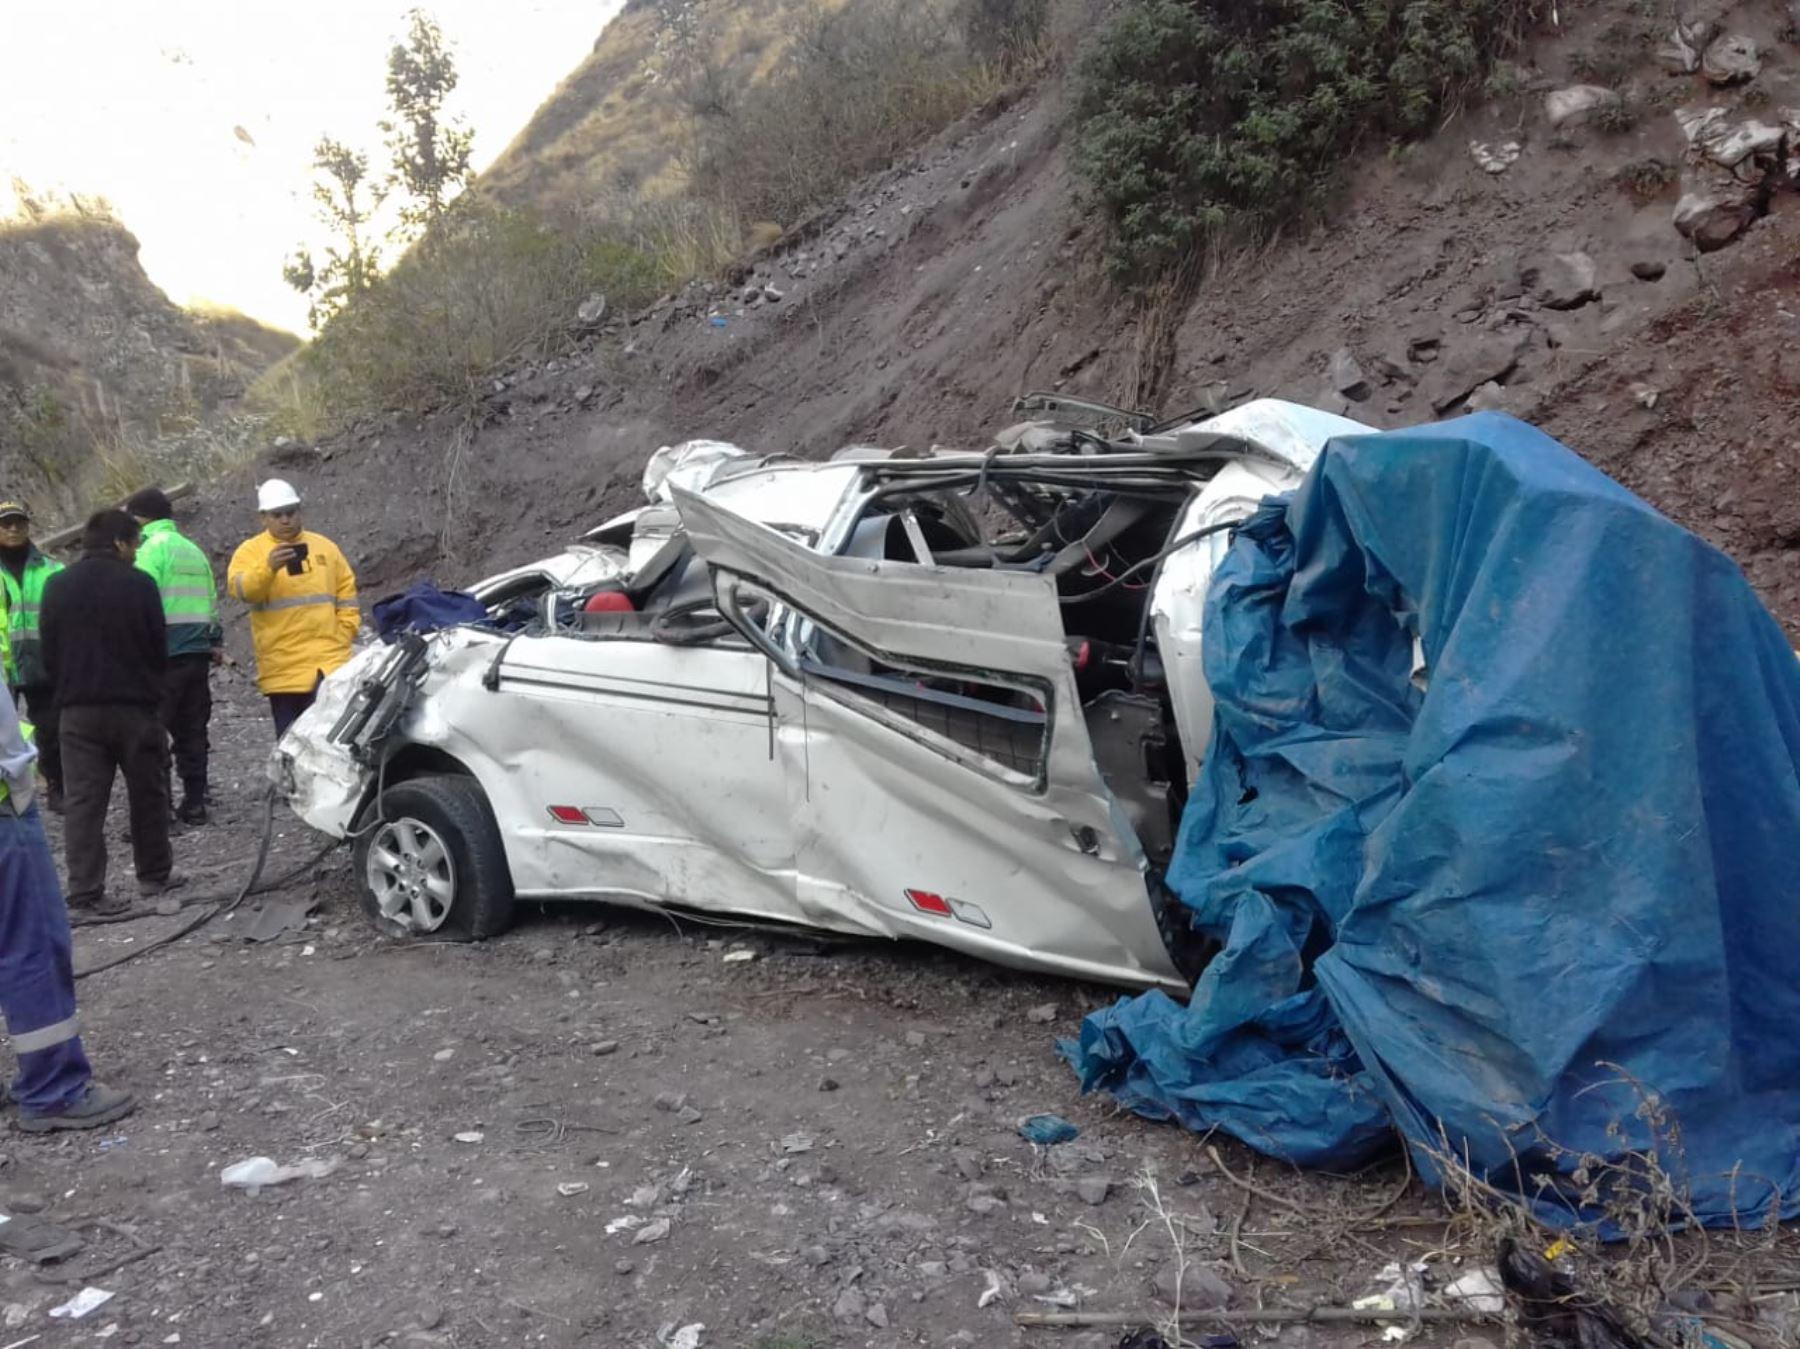 Esta madrugada, un vehículo con escolares se despistó y cayó a un abismo en el kilómetro 103 de la carretera Central en Chicla, provincia de Huarochirí. Foto: ANDINA/Pedro Tinoco